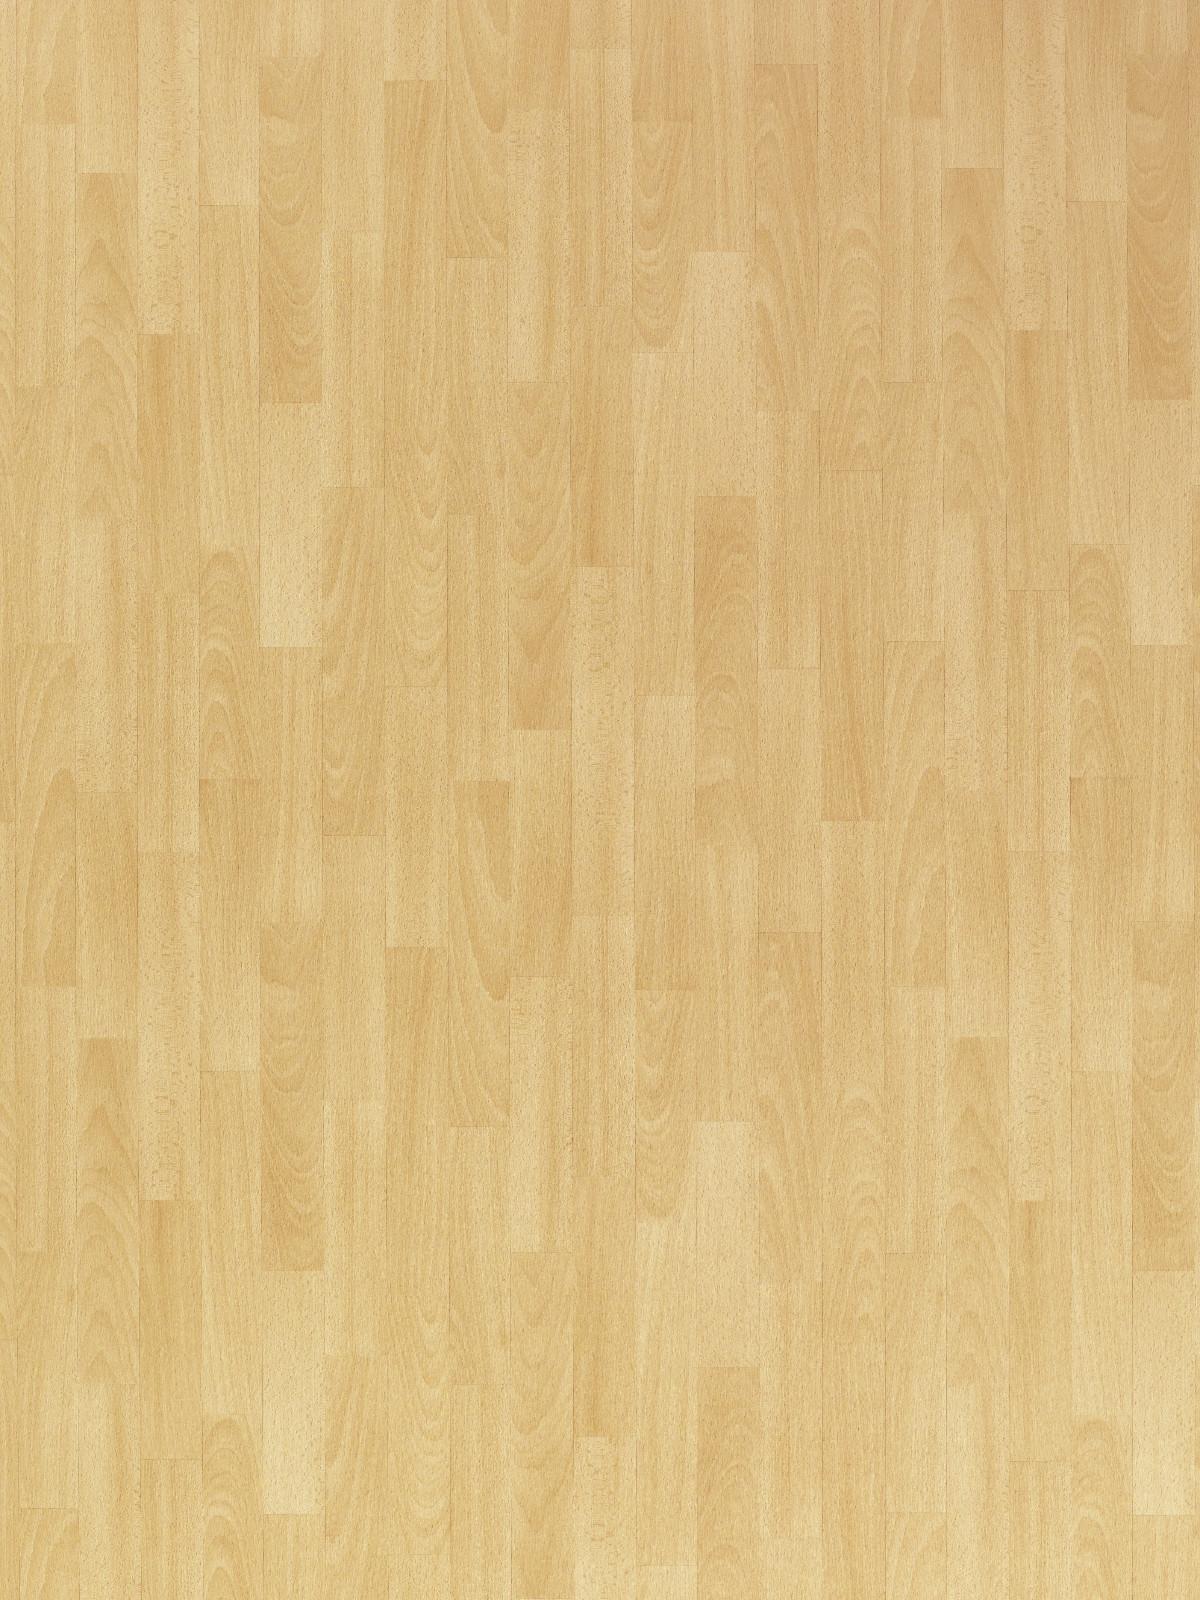 cv belag topas 200cm traffic19 farbe 2201. Black Bedroom Furniture Sets. Home Design Ideas